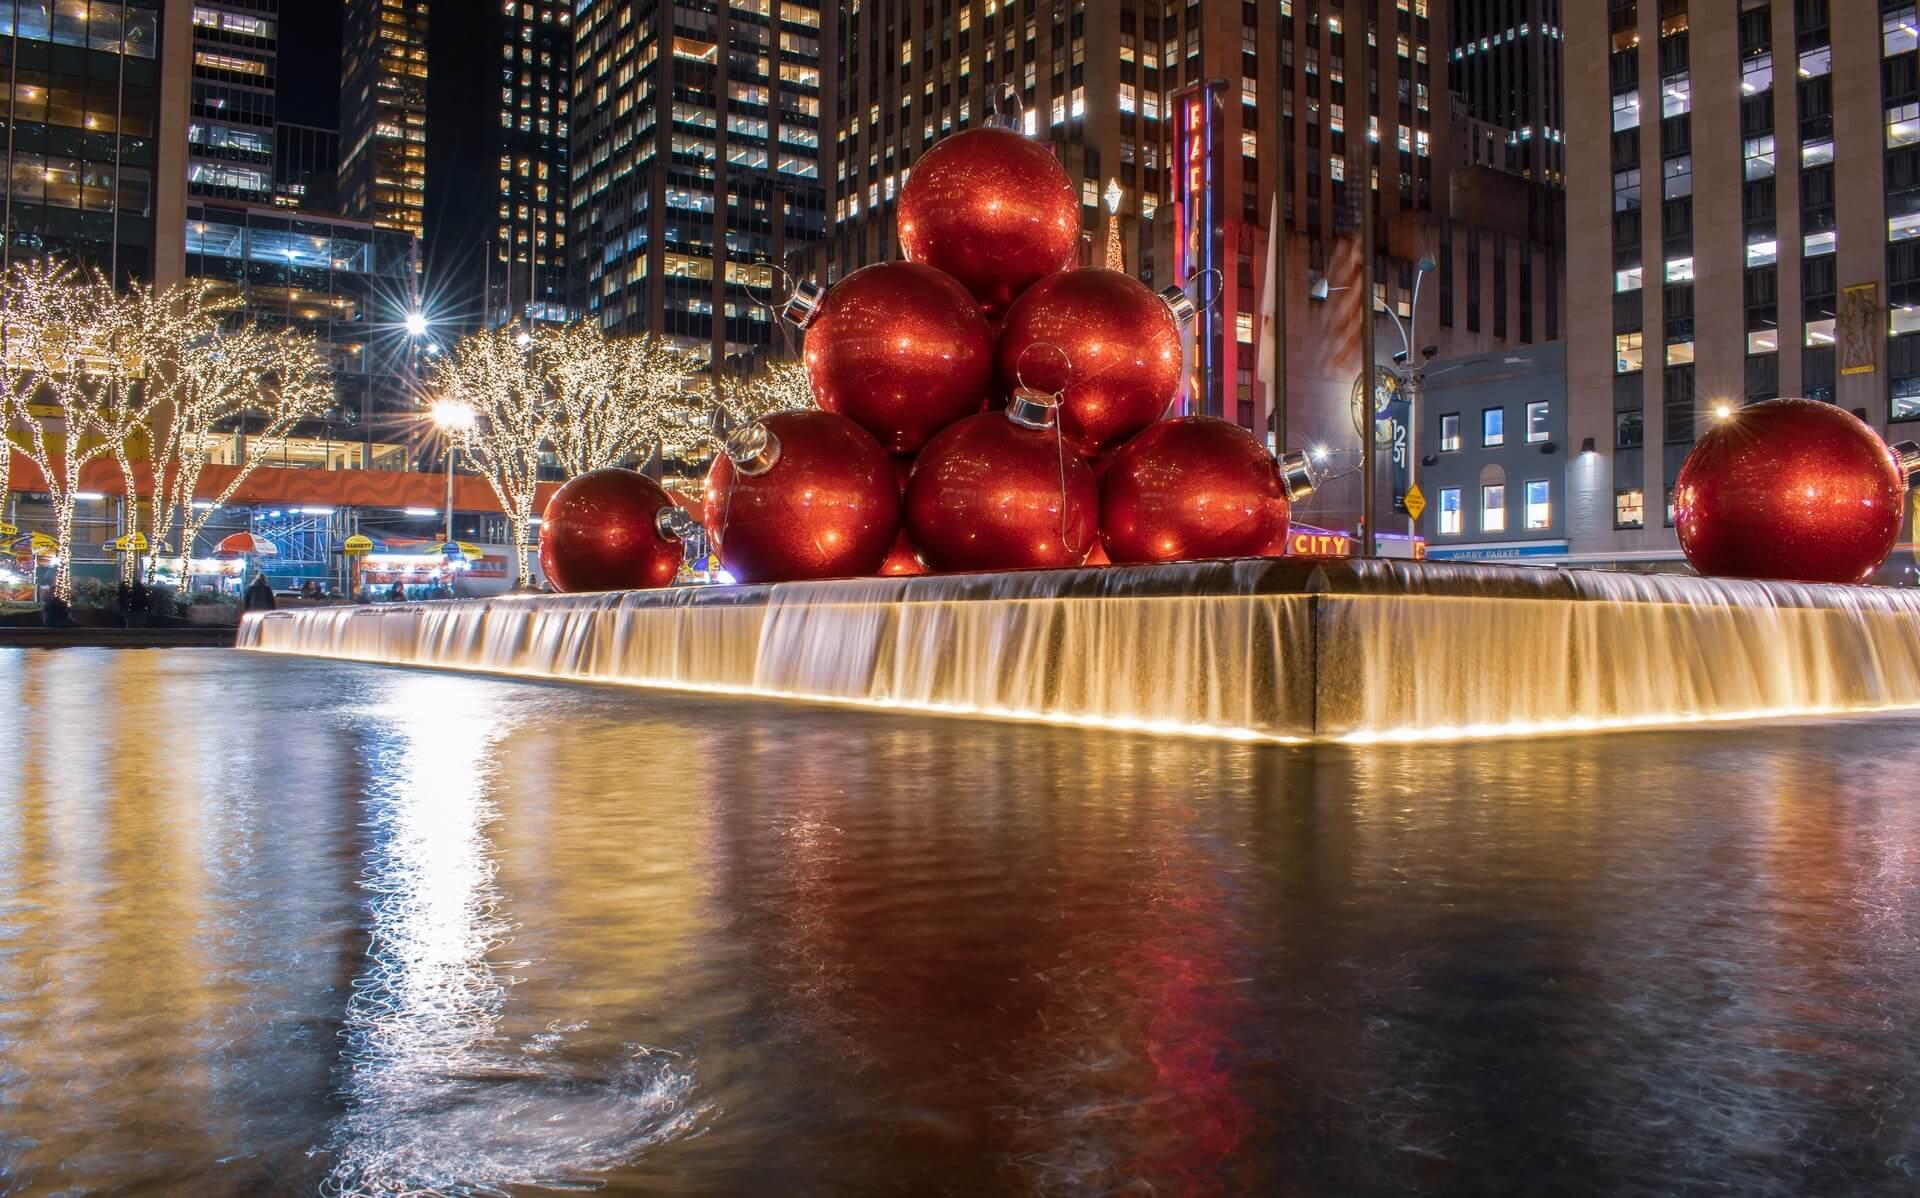 Nueva York es sin dudas uno de los mejores lugares para ir en Navidad.